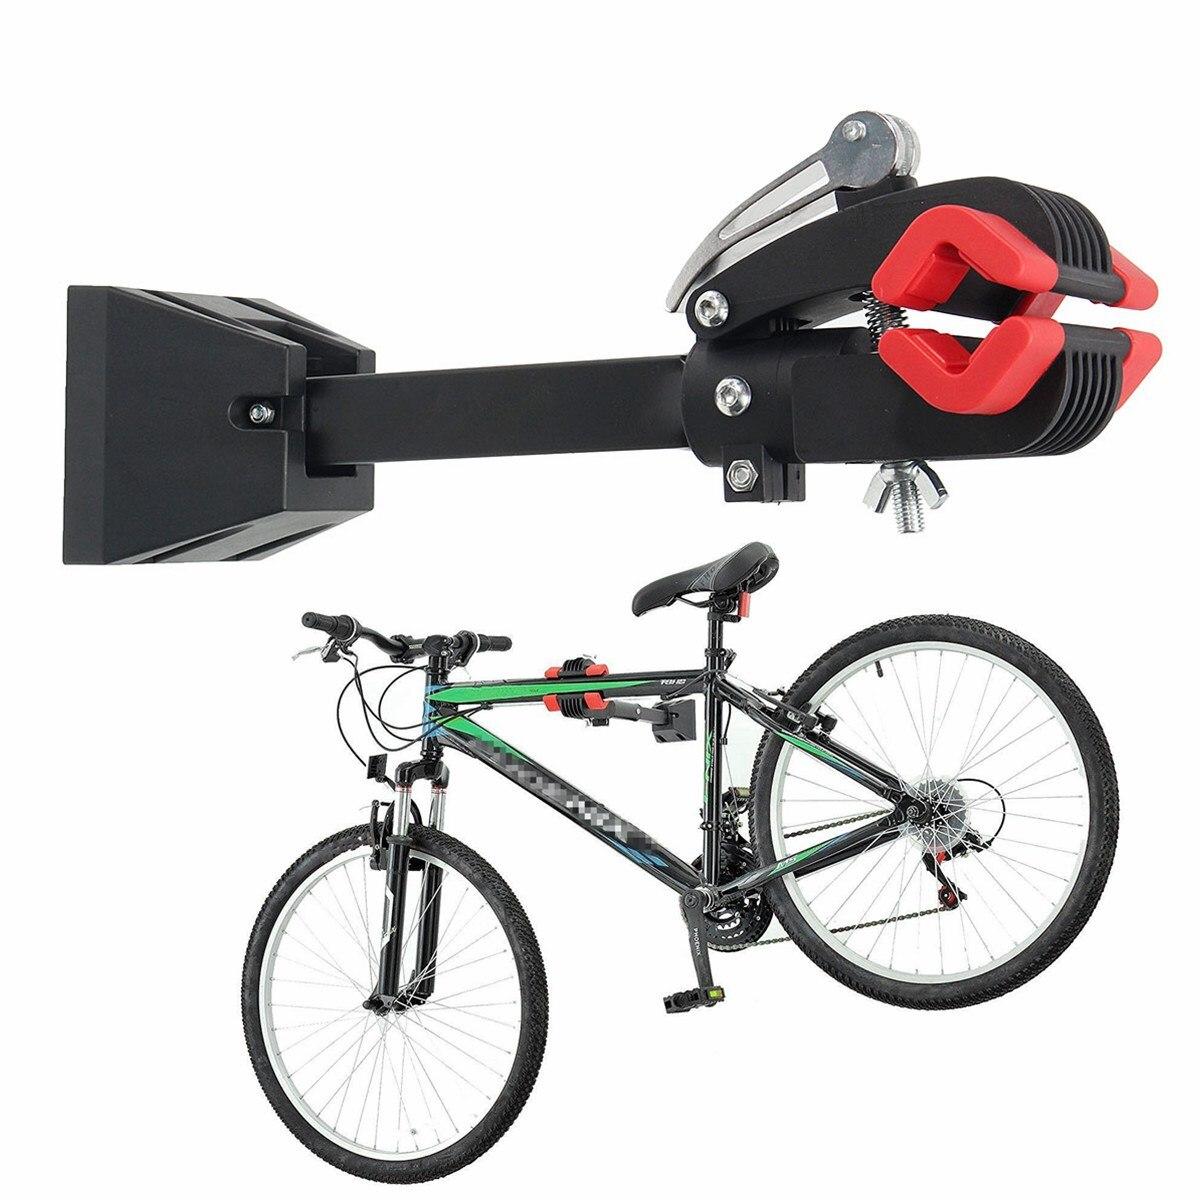 جدار جبل الثقيلة outerdo تصليح الدراجات الدراجة دراجة صيانة ميكانيكي الطي المشبك mtb جدار جبل إصلاح موقف